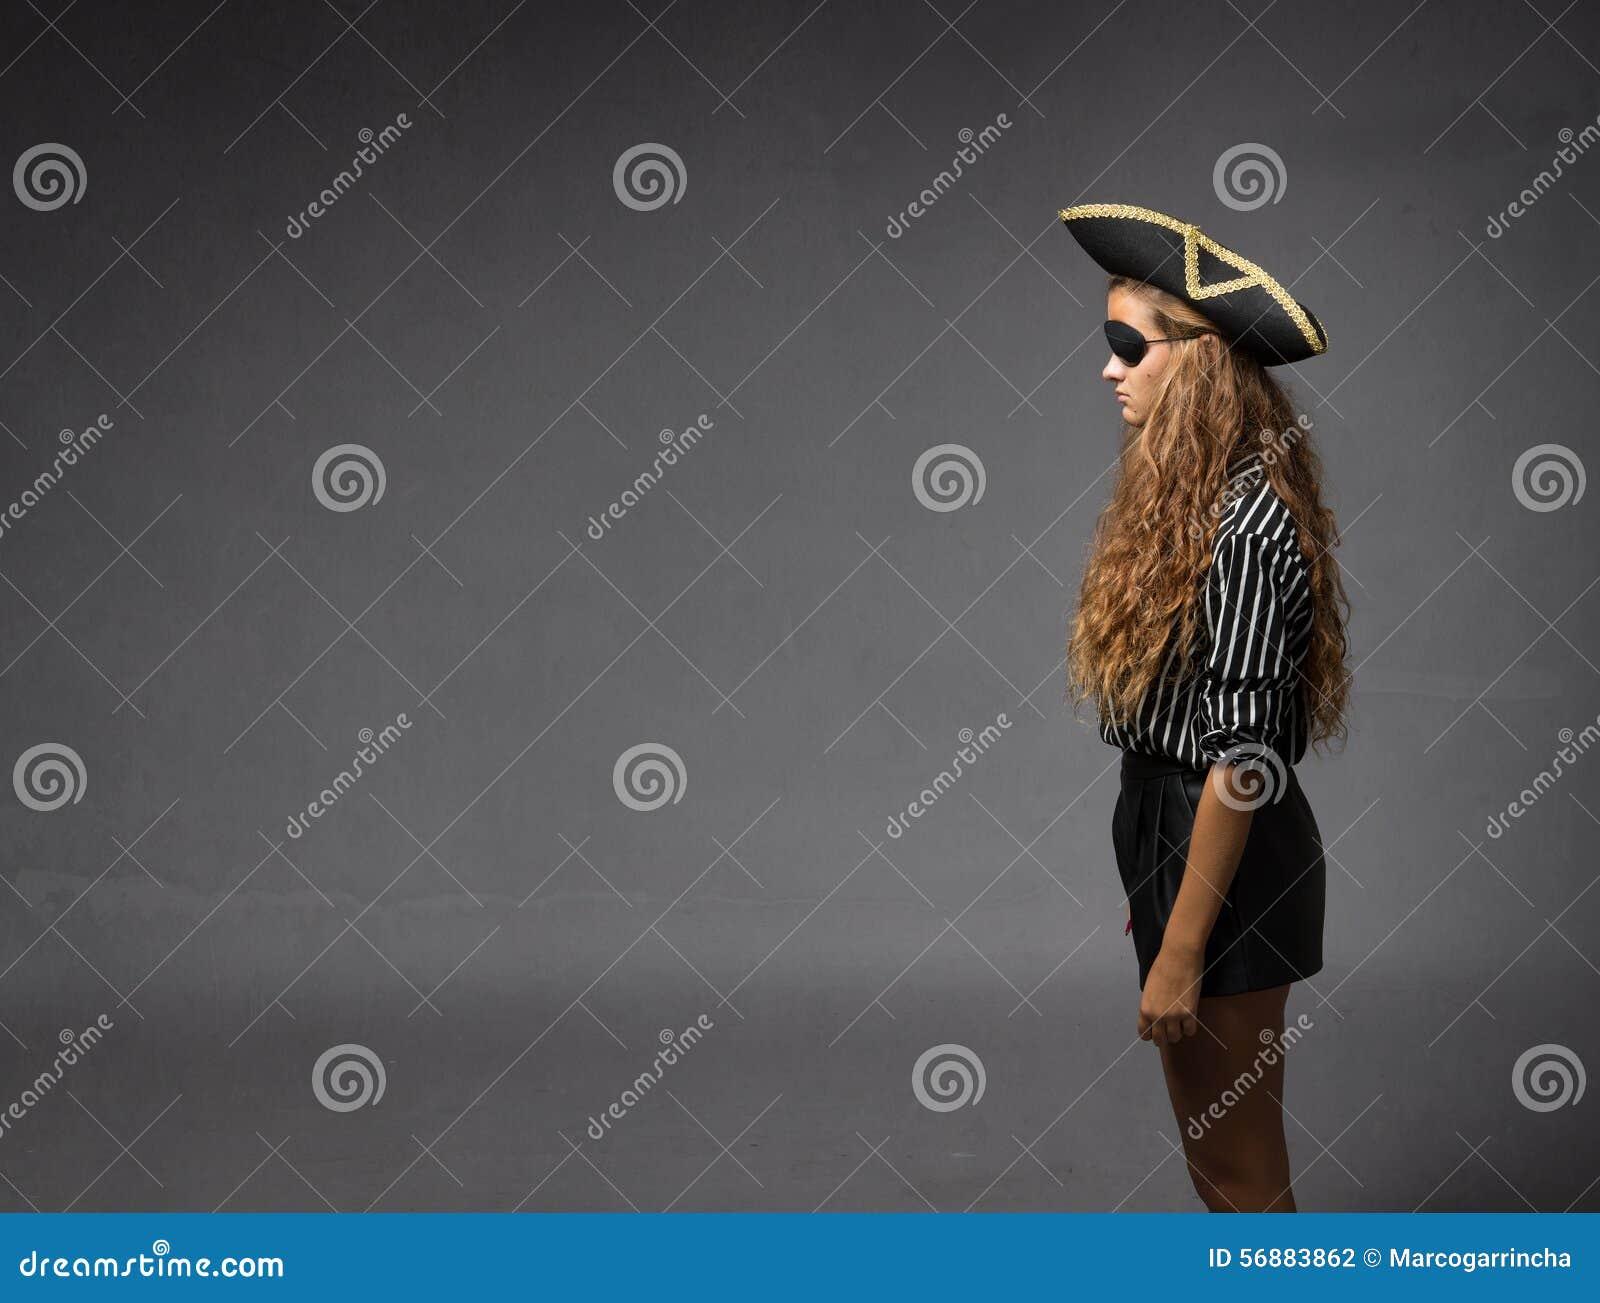 Пират в просмотре профиля